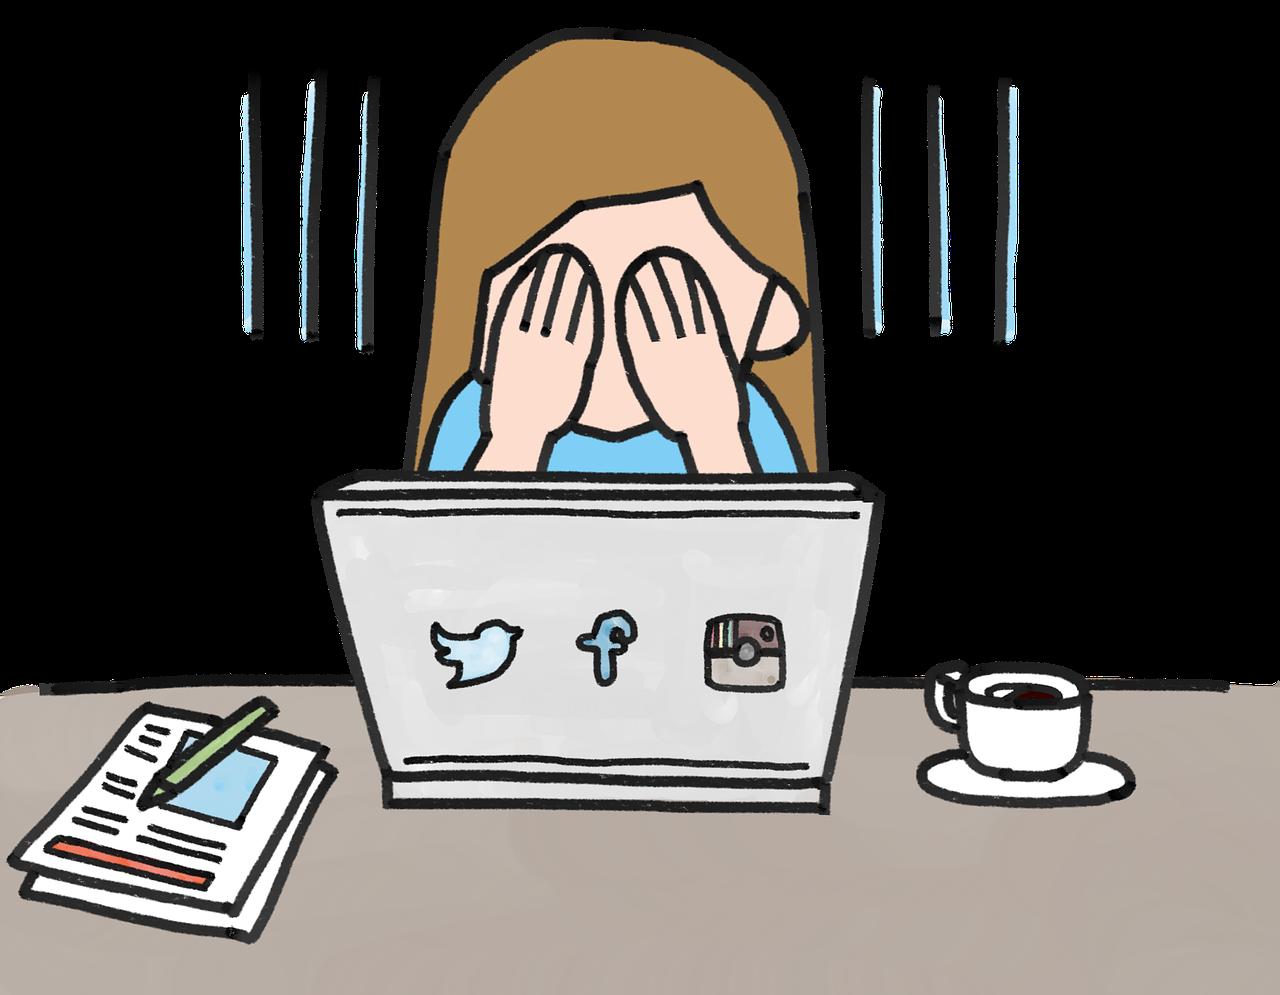 Političarke se svakodnevno suočavaju s maltretiranjem na internetu